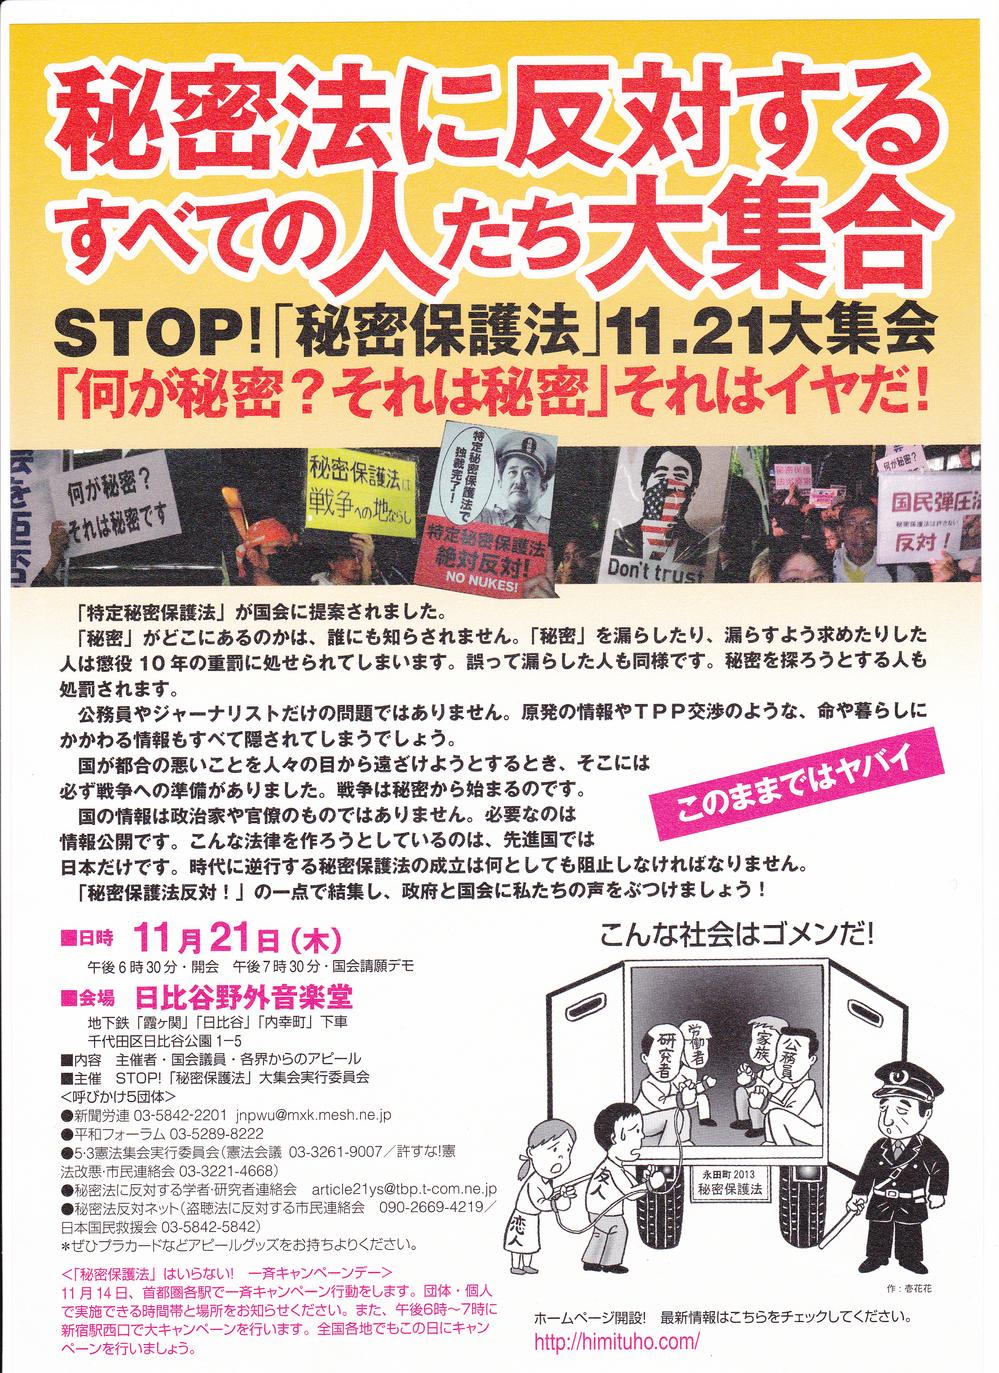 秘密保護法反対集会.jpg